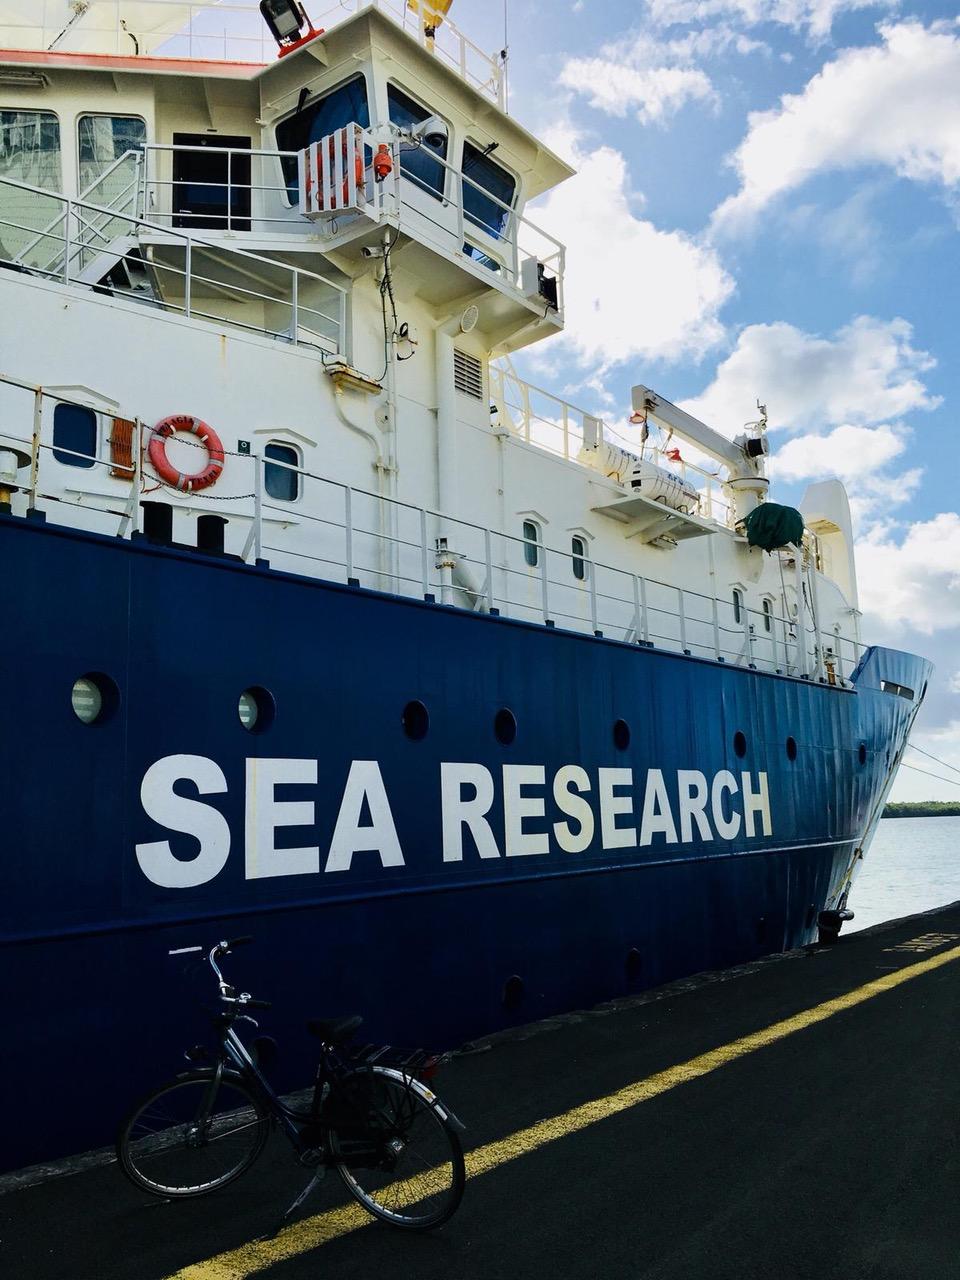 Une guadeloupéenne traverse l'Atlantique pour étudier les sargasses